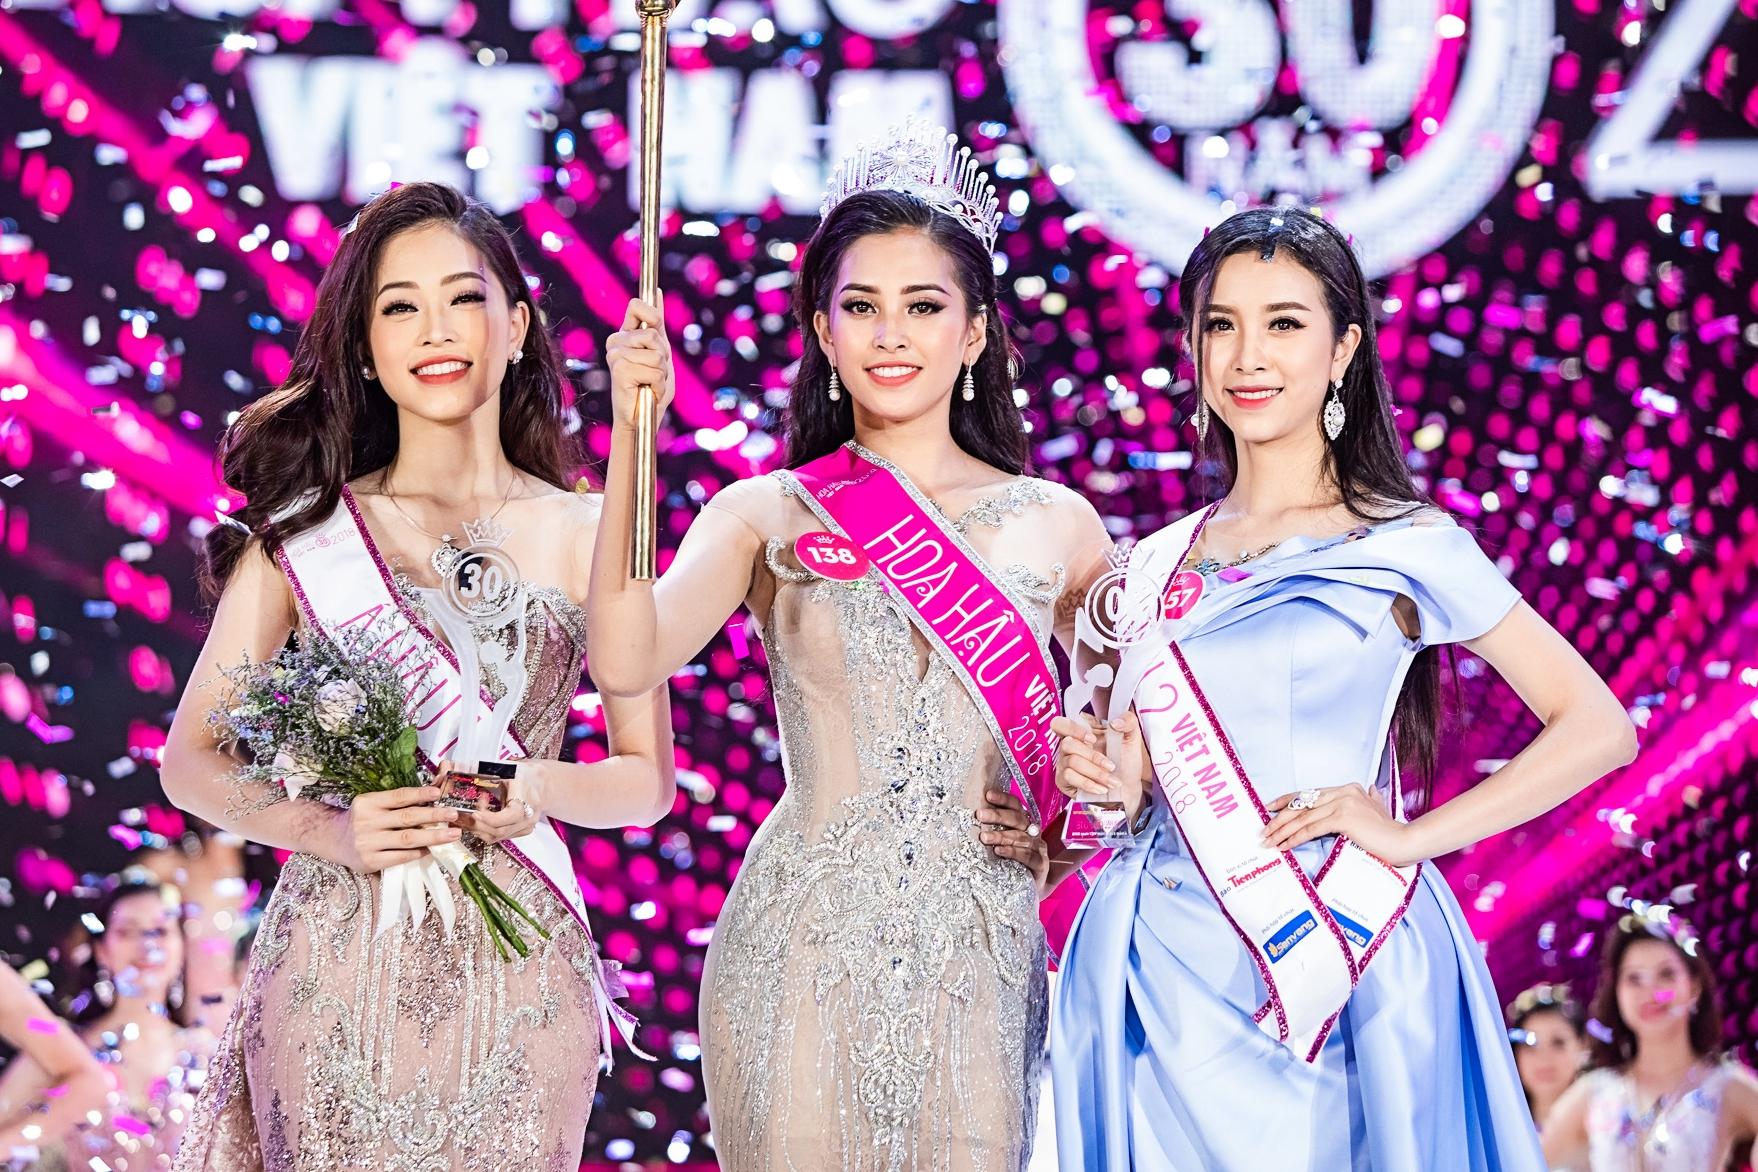 Sau nhiều tháng tranh tài, ban giám khảo Hoa hậu Việt Nam 2018 chọn ra top 3 xuất sắc: Phương Nga, Tiểu Vy, Thúy An (từ trái qua).